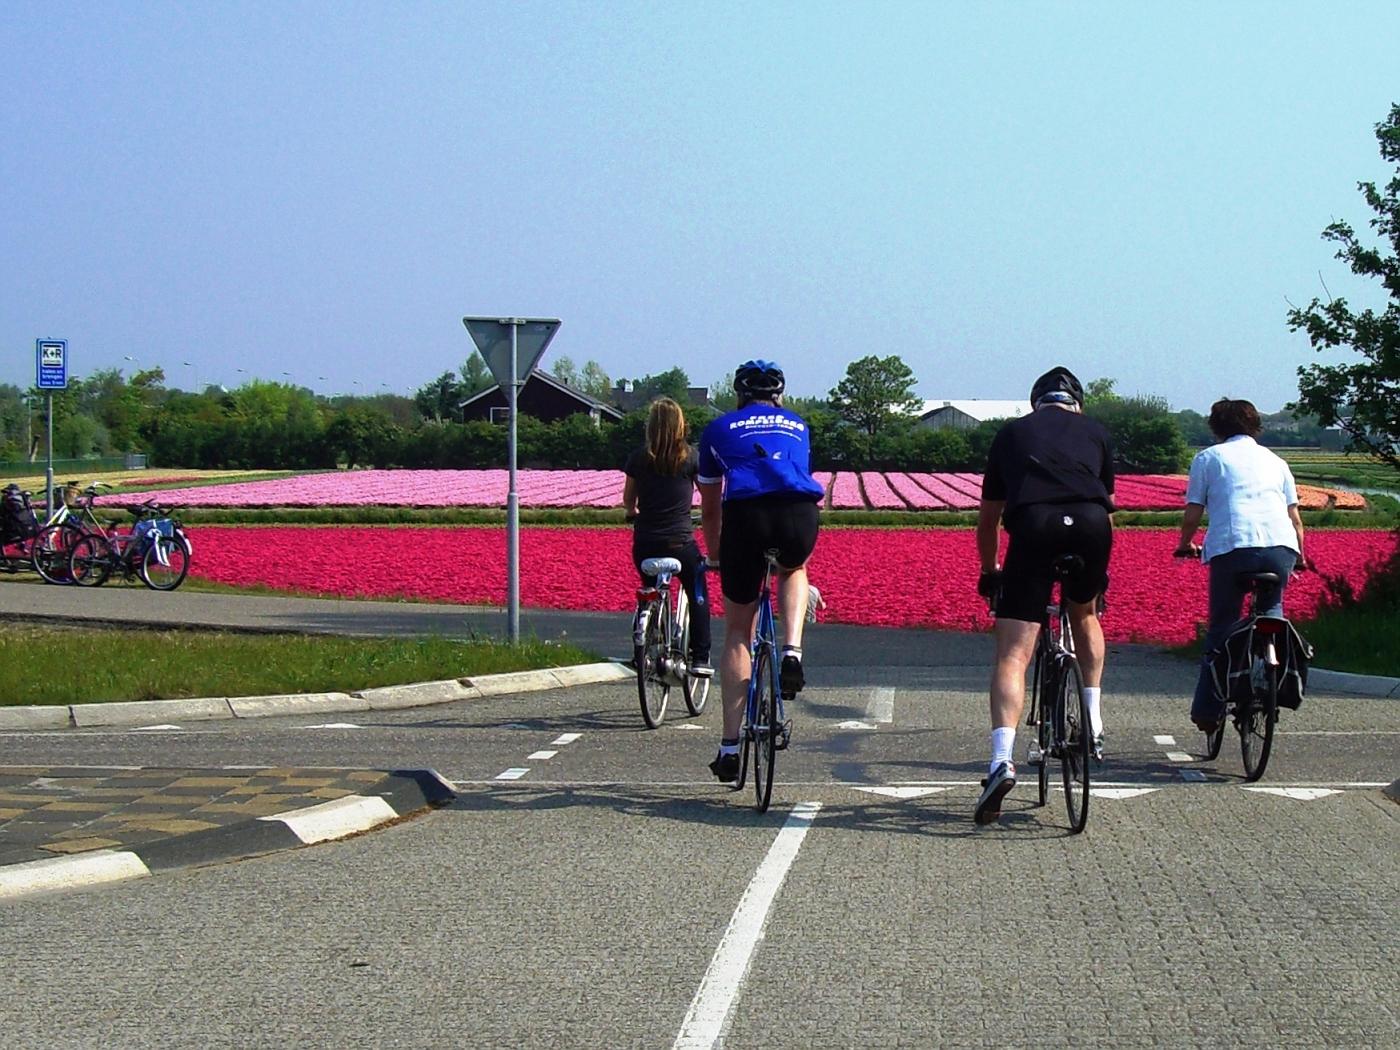 Cyclists in Noordwijkerhout